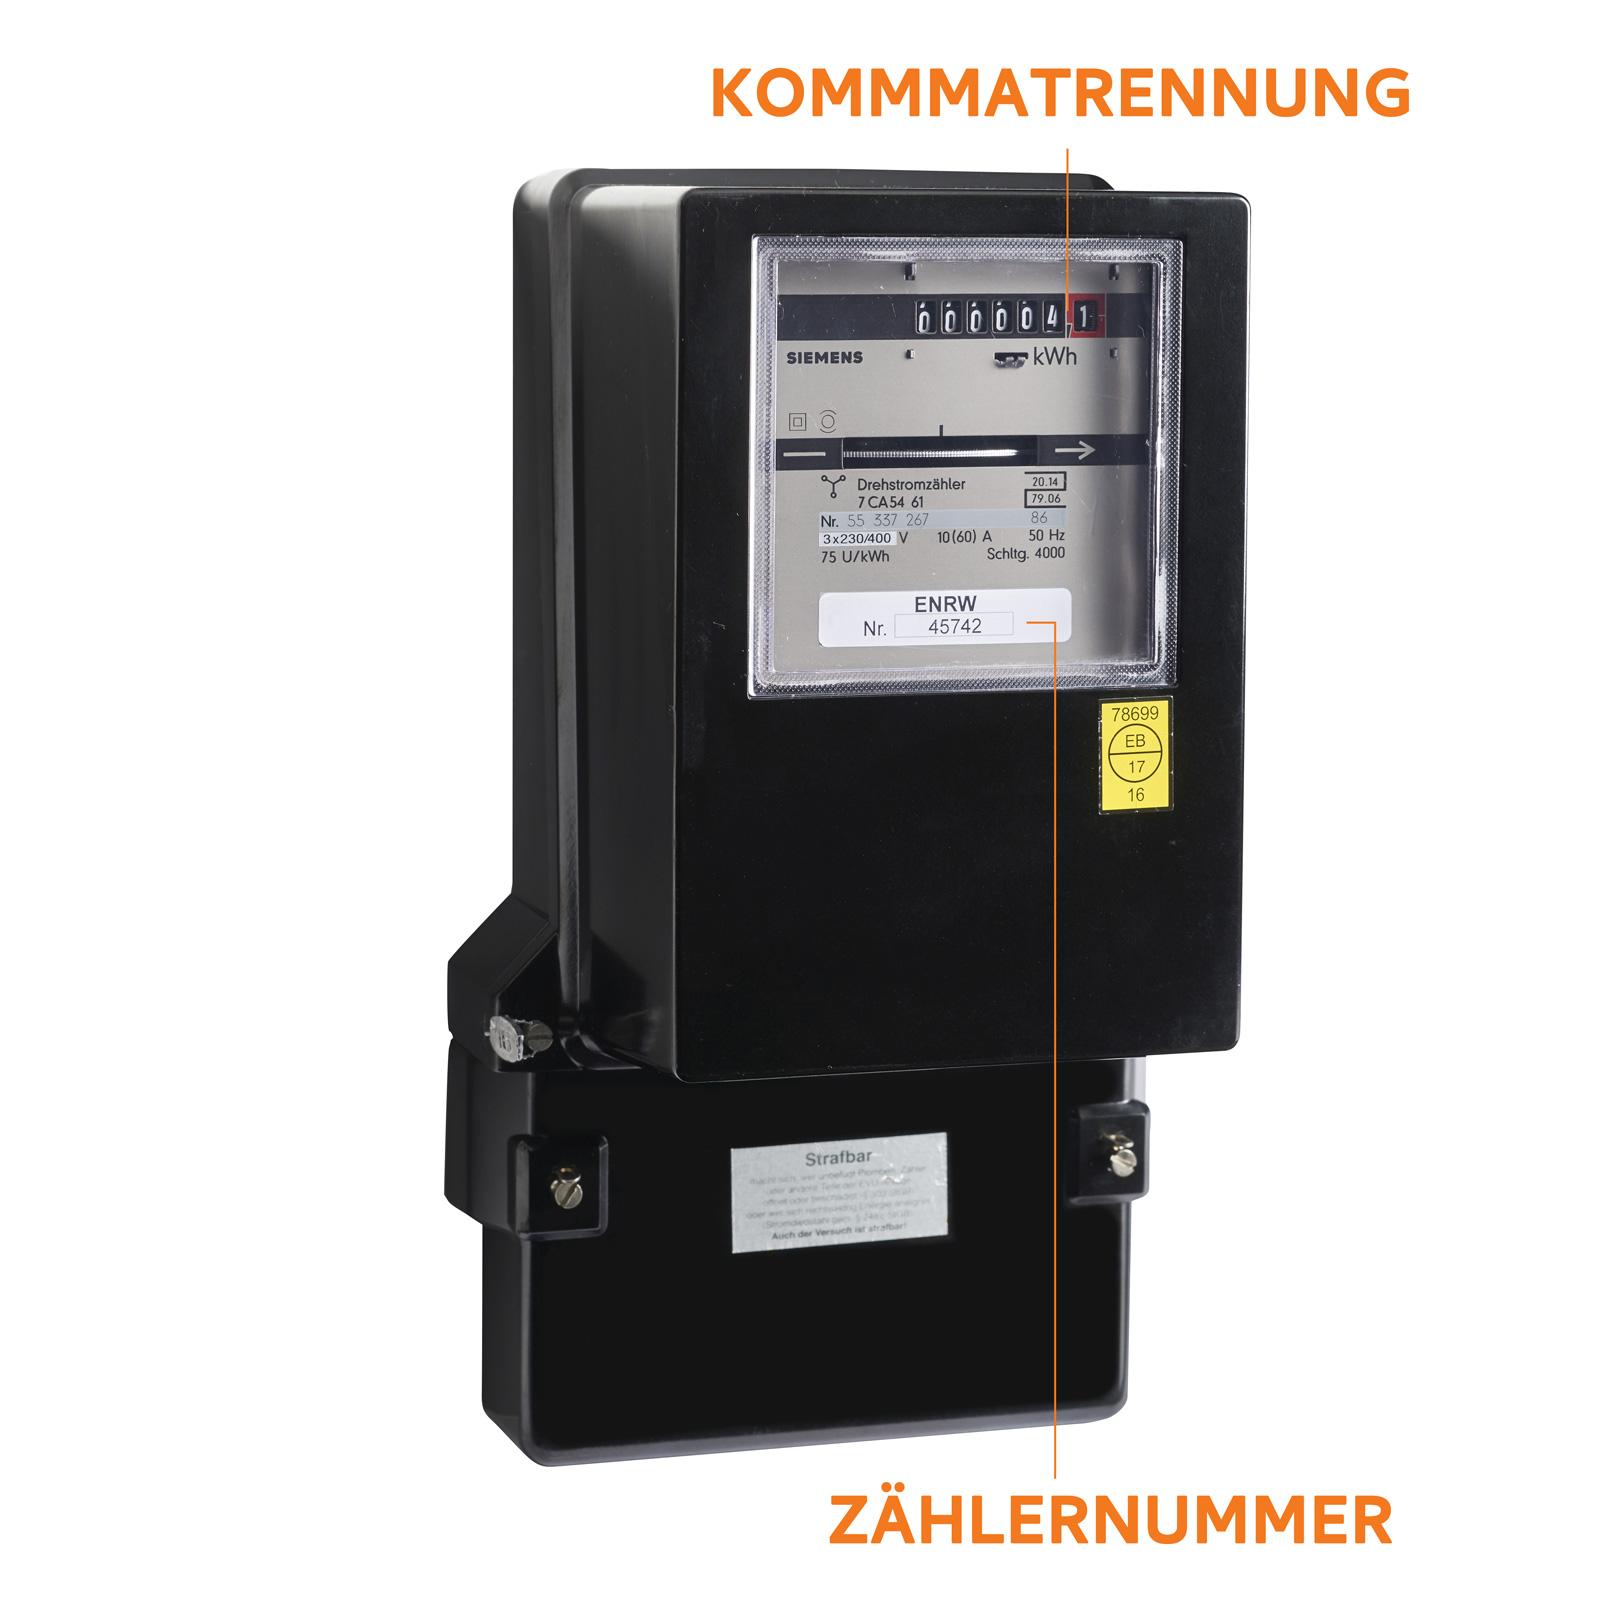 ENRW Strom Eintarif Zähler